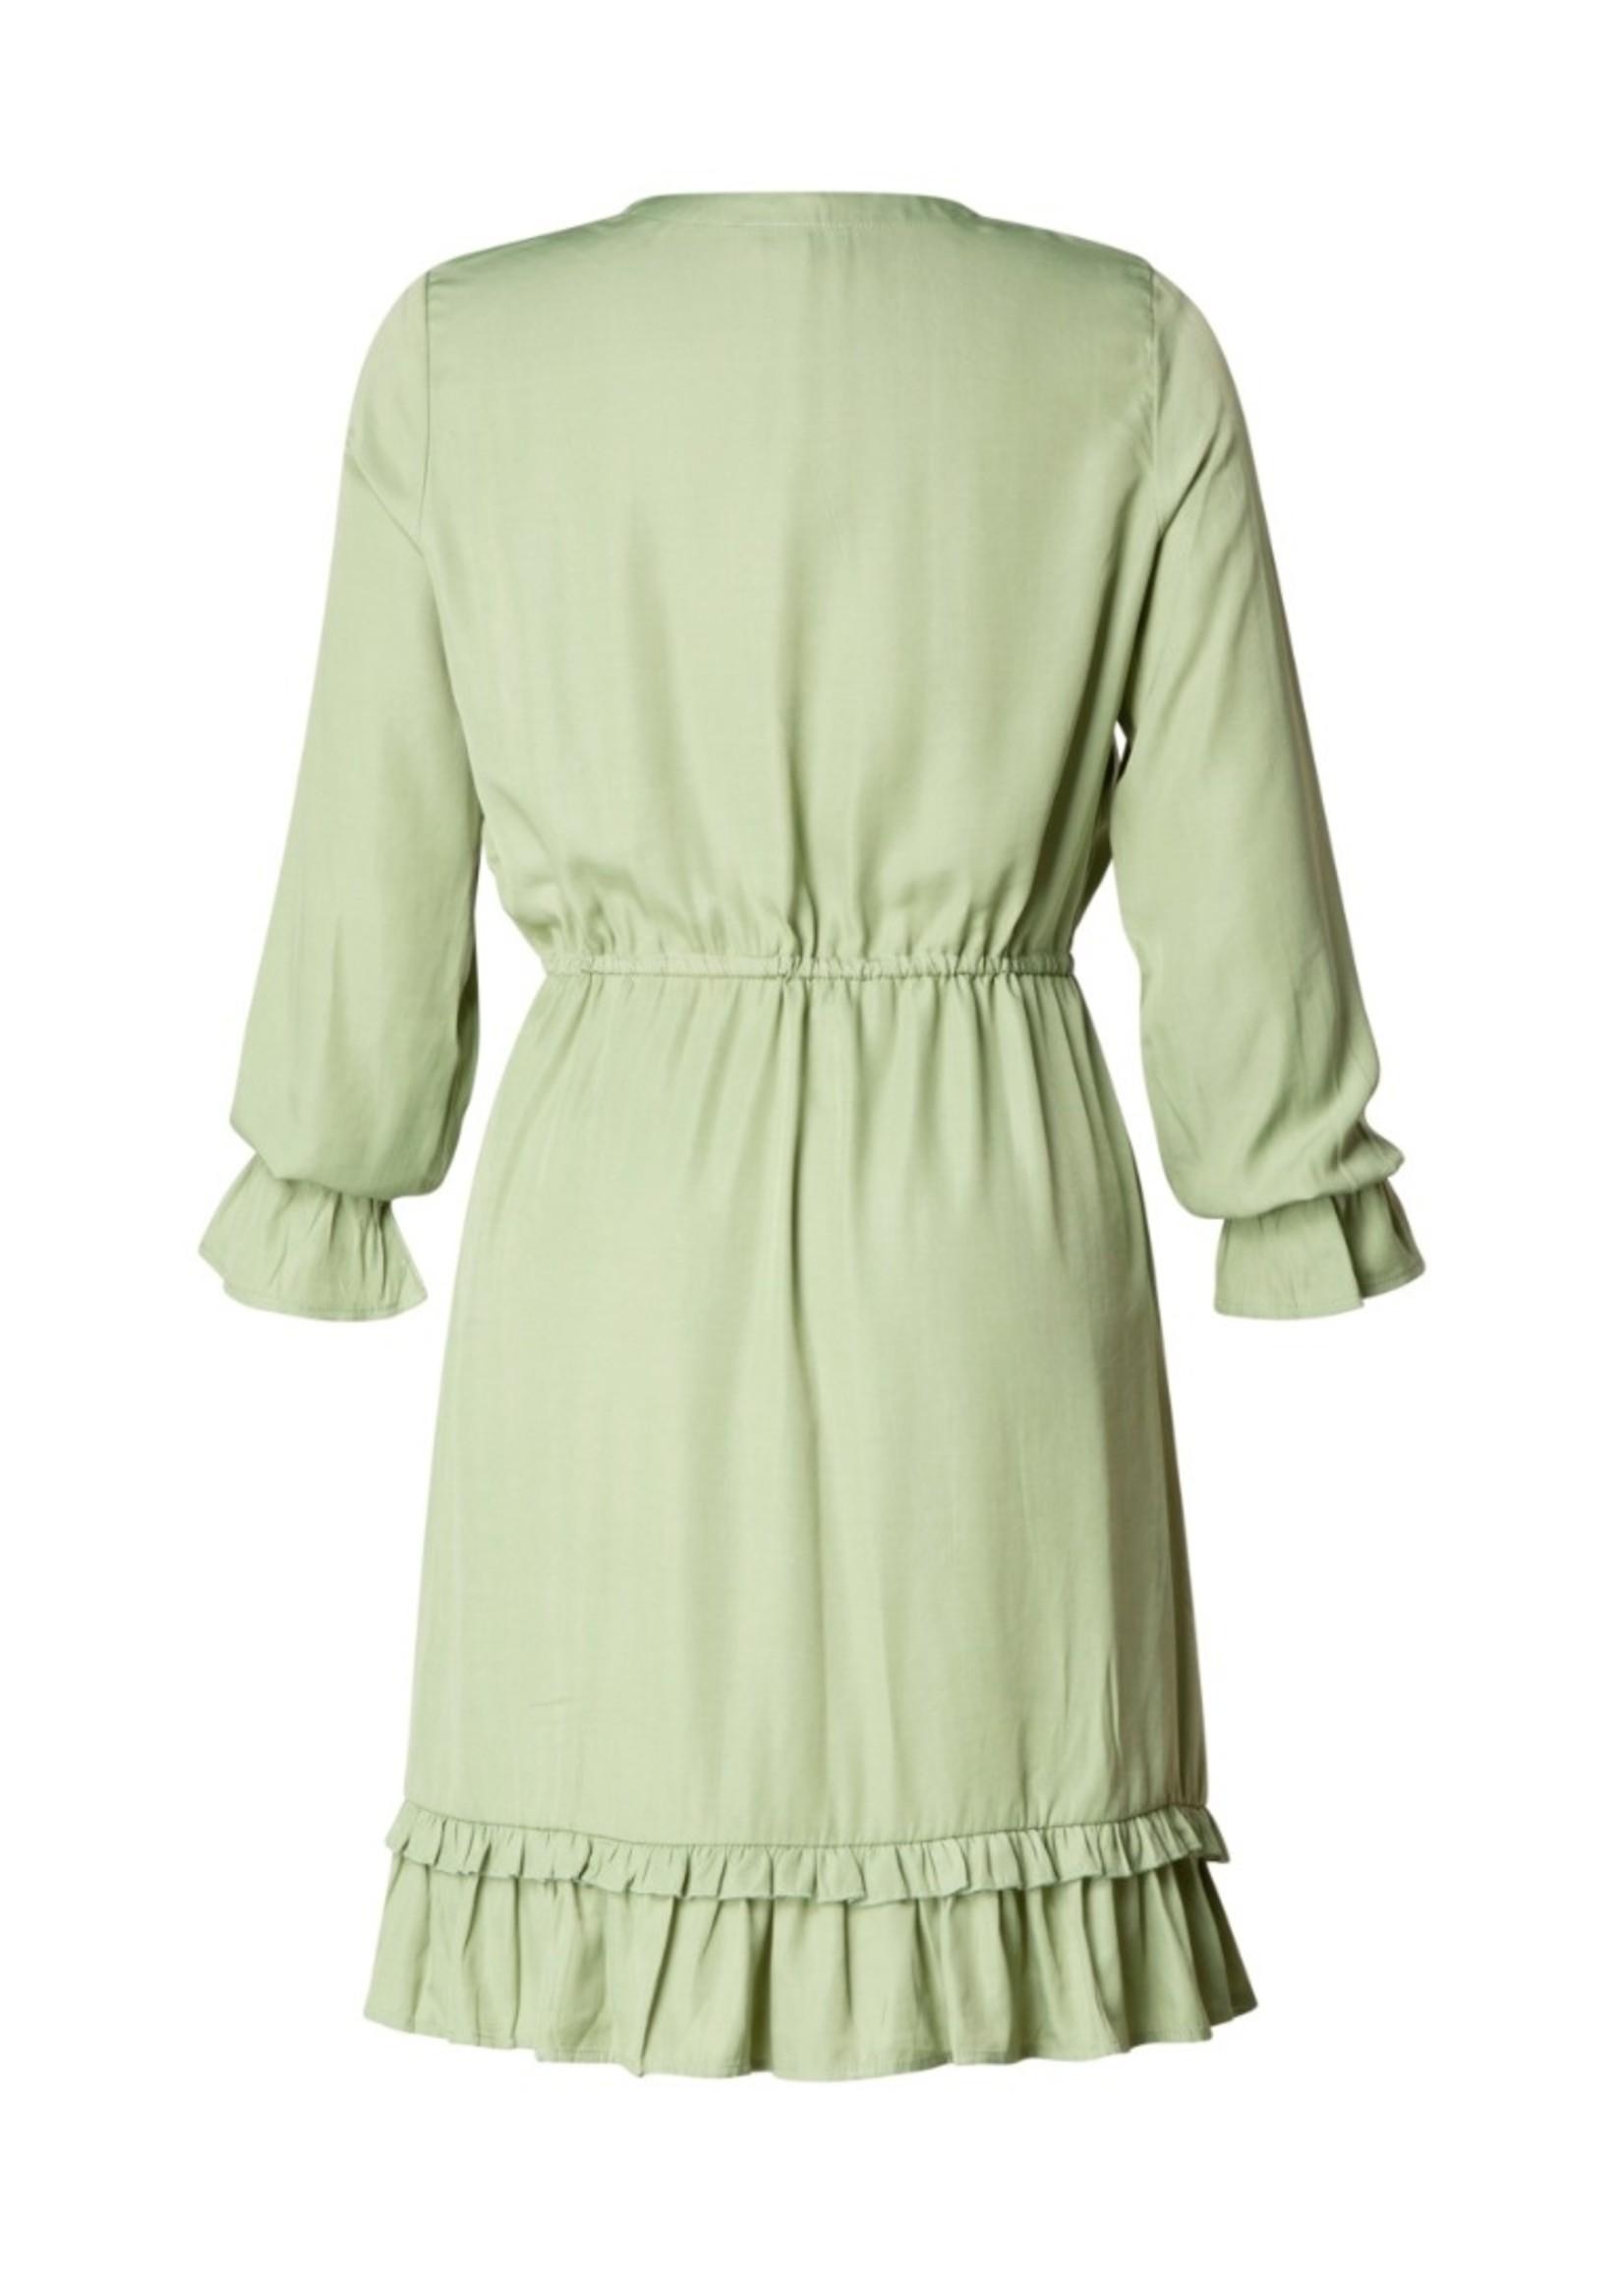 Ivy Beau Ivy Beau Roxanne Dress